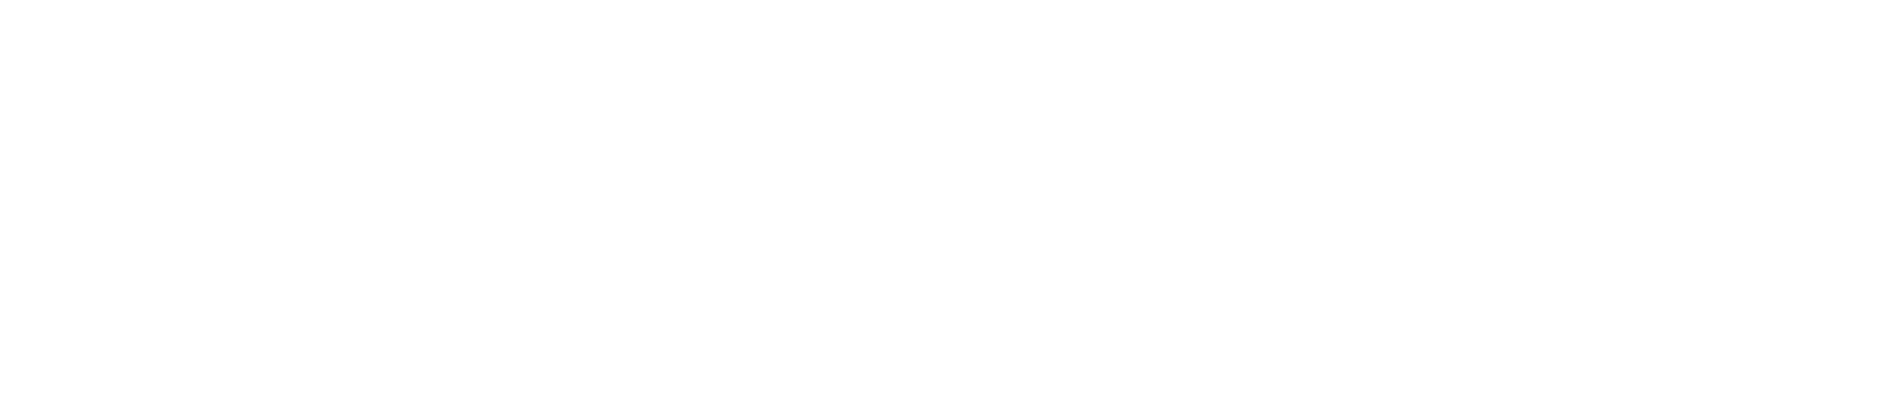 Frølageret - logo